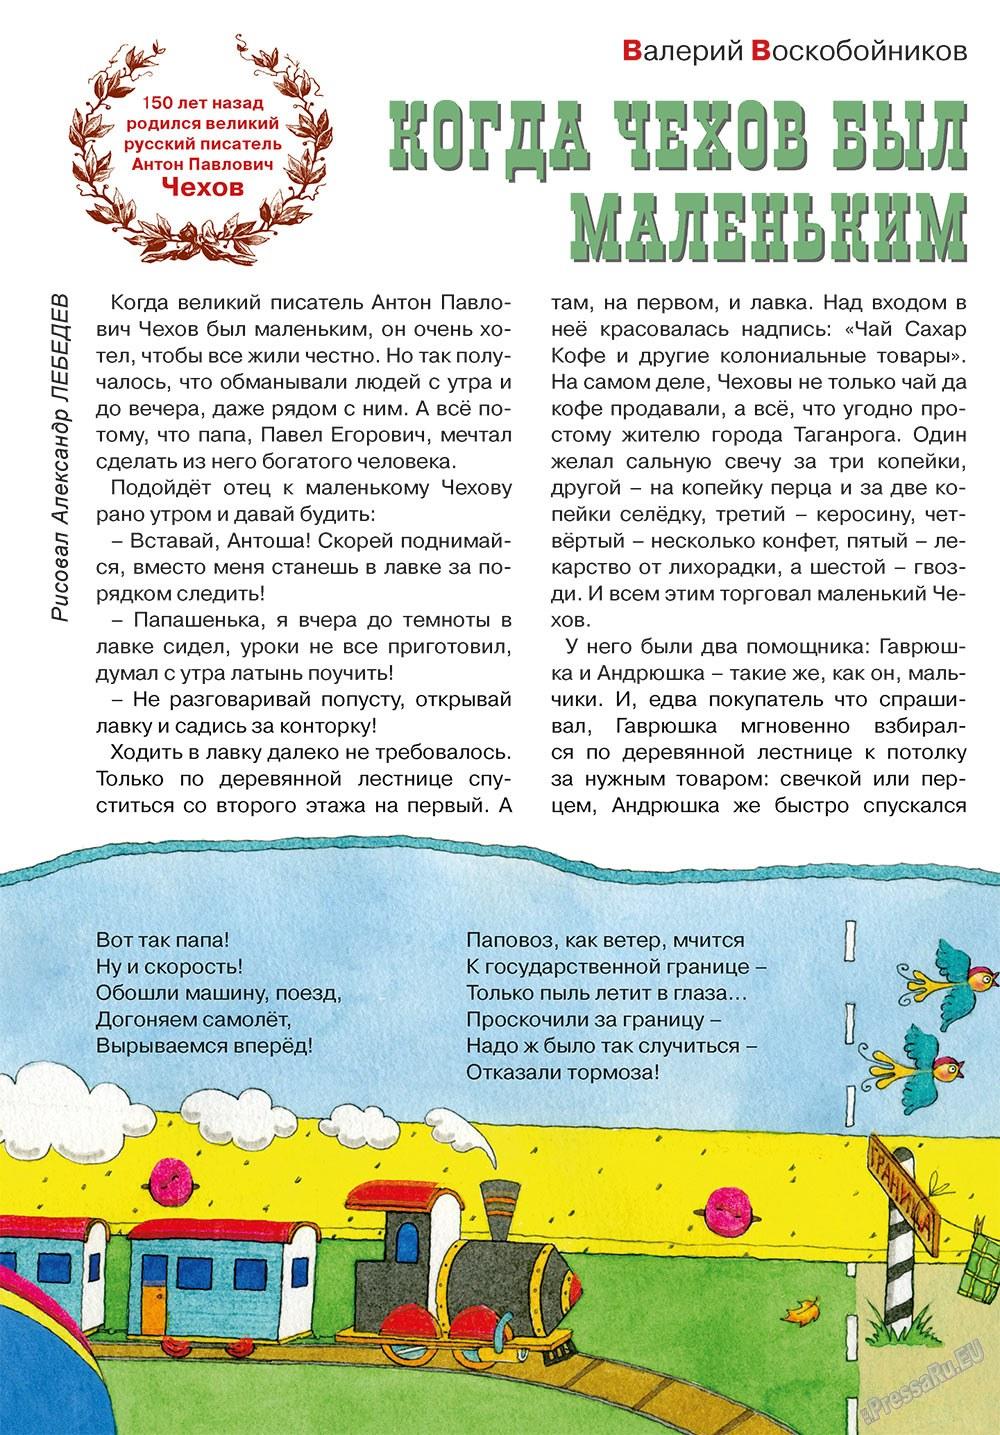 Остров там и тут (журнал). 2010 год, номер 3, стр. 6